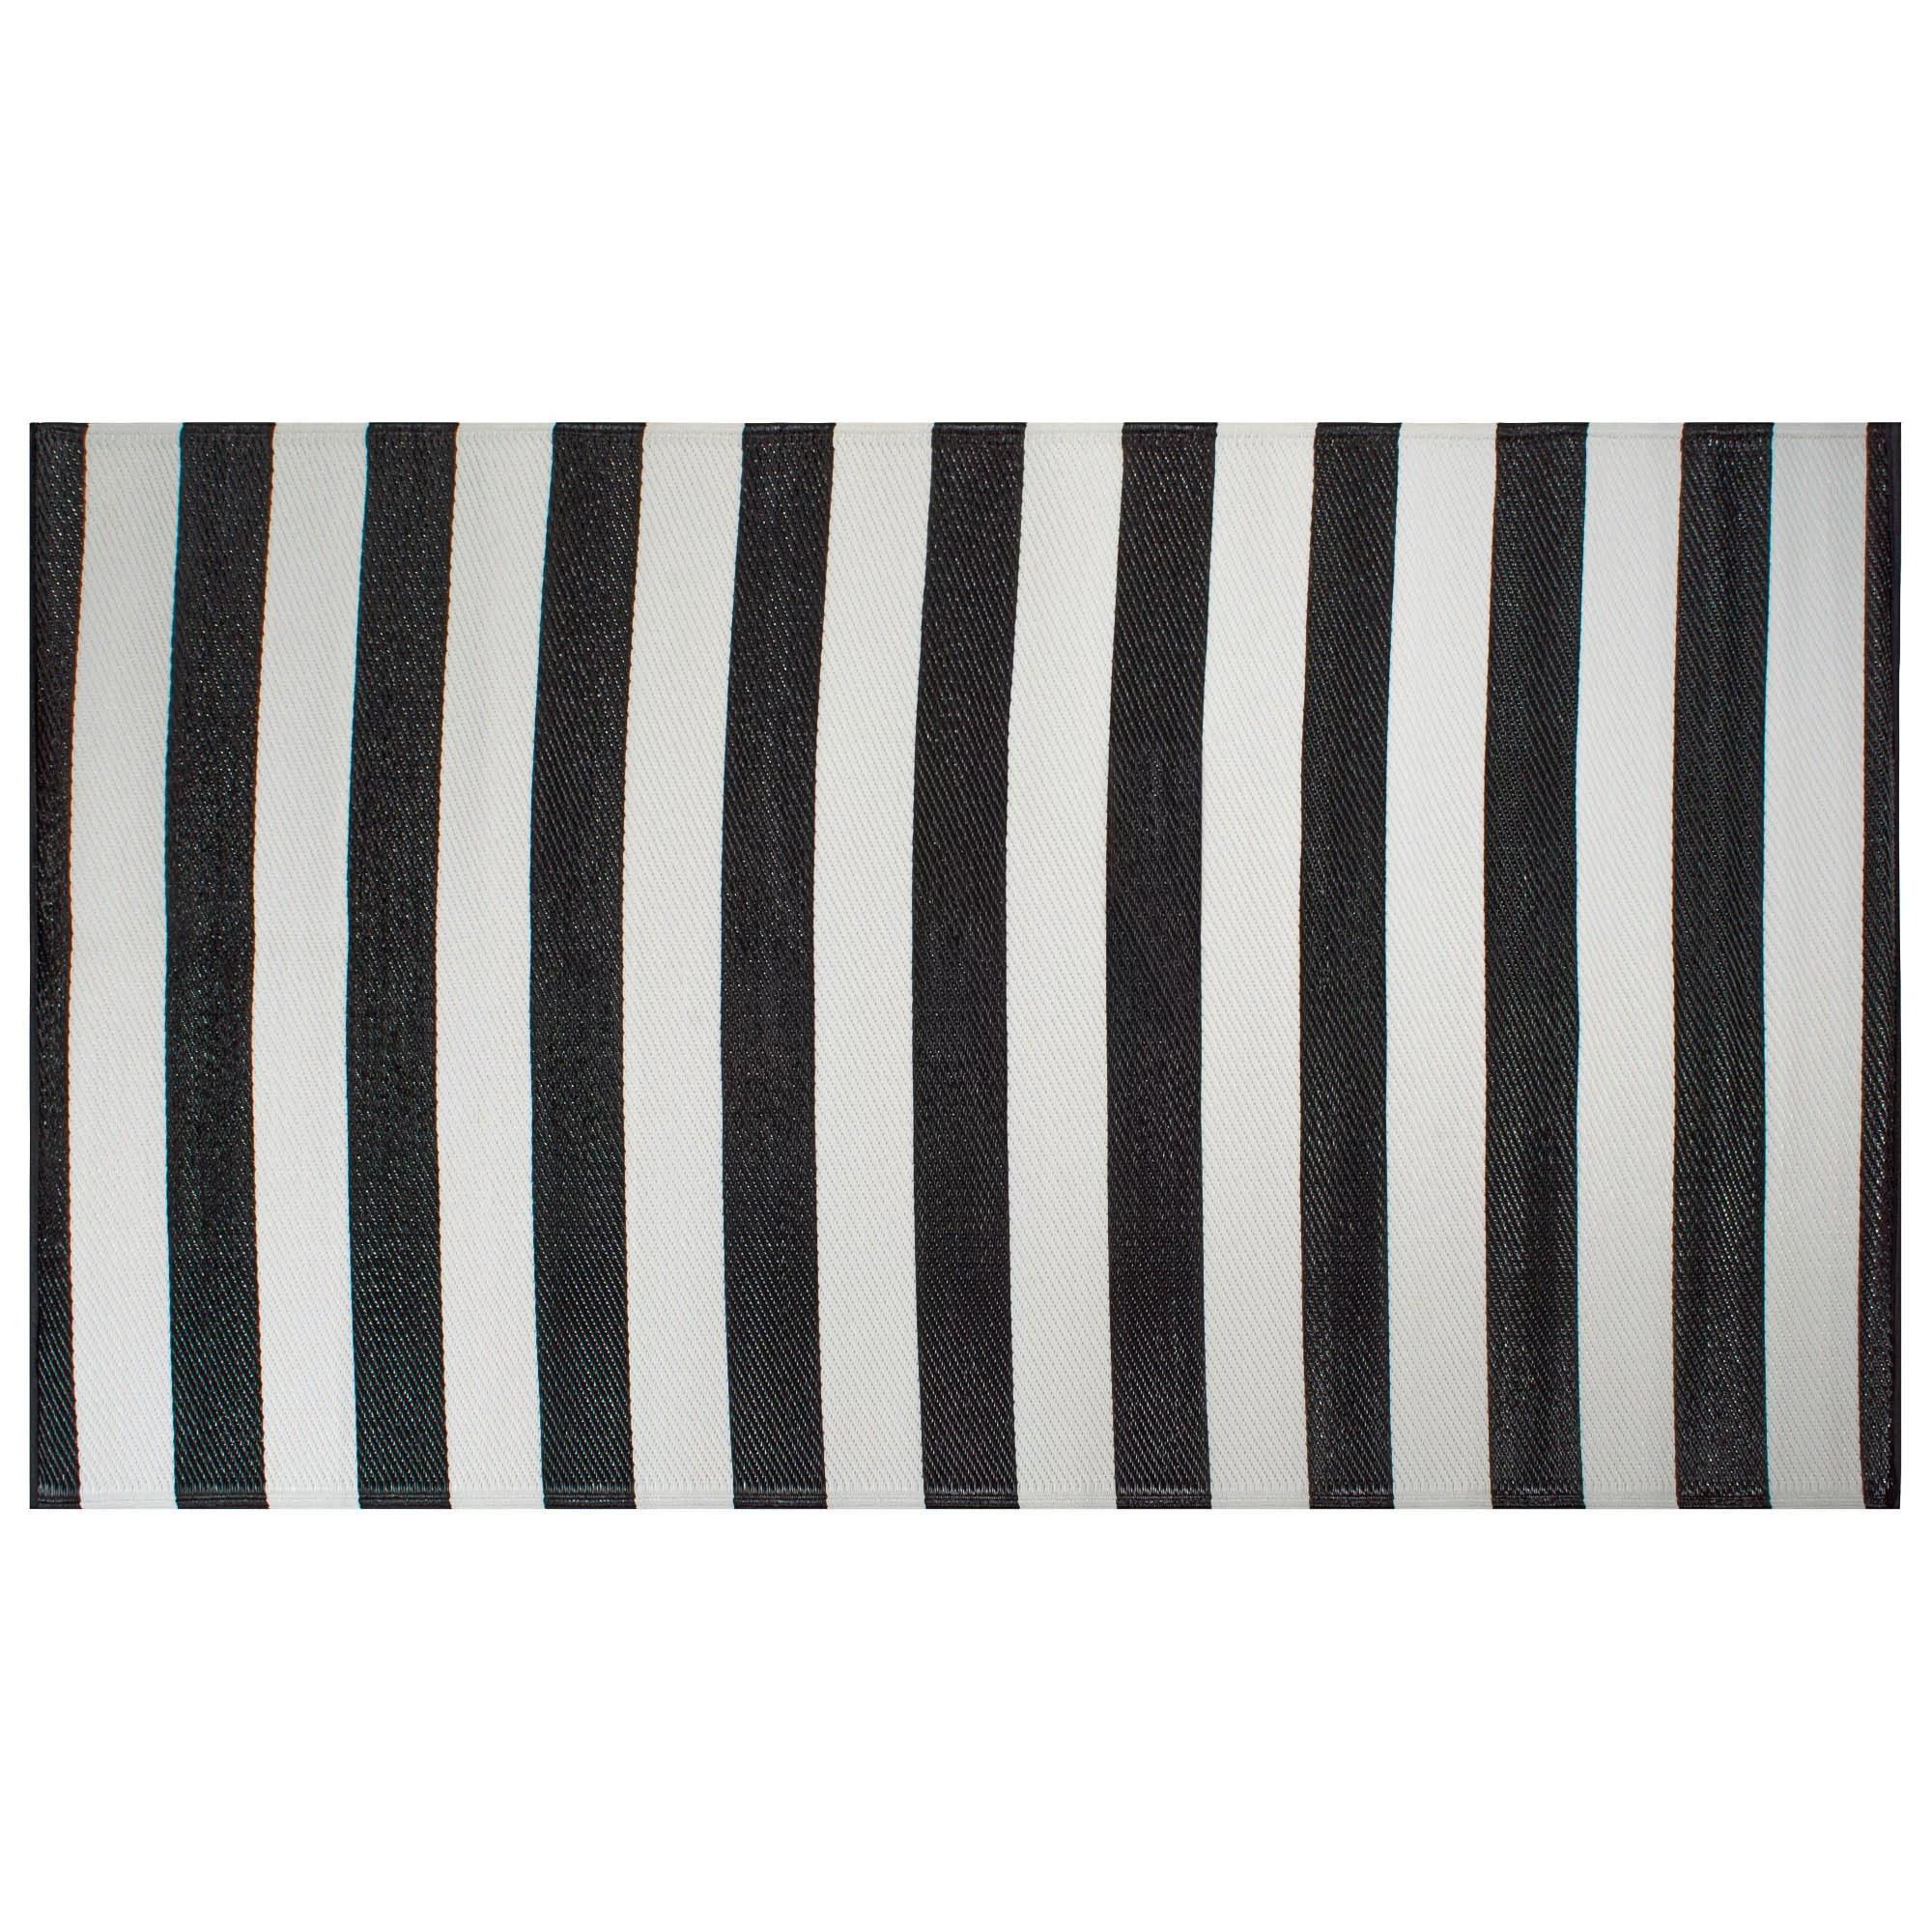 dii black white stripe outdoor rug walmart com